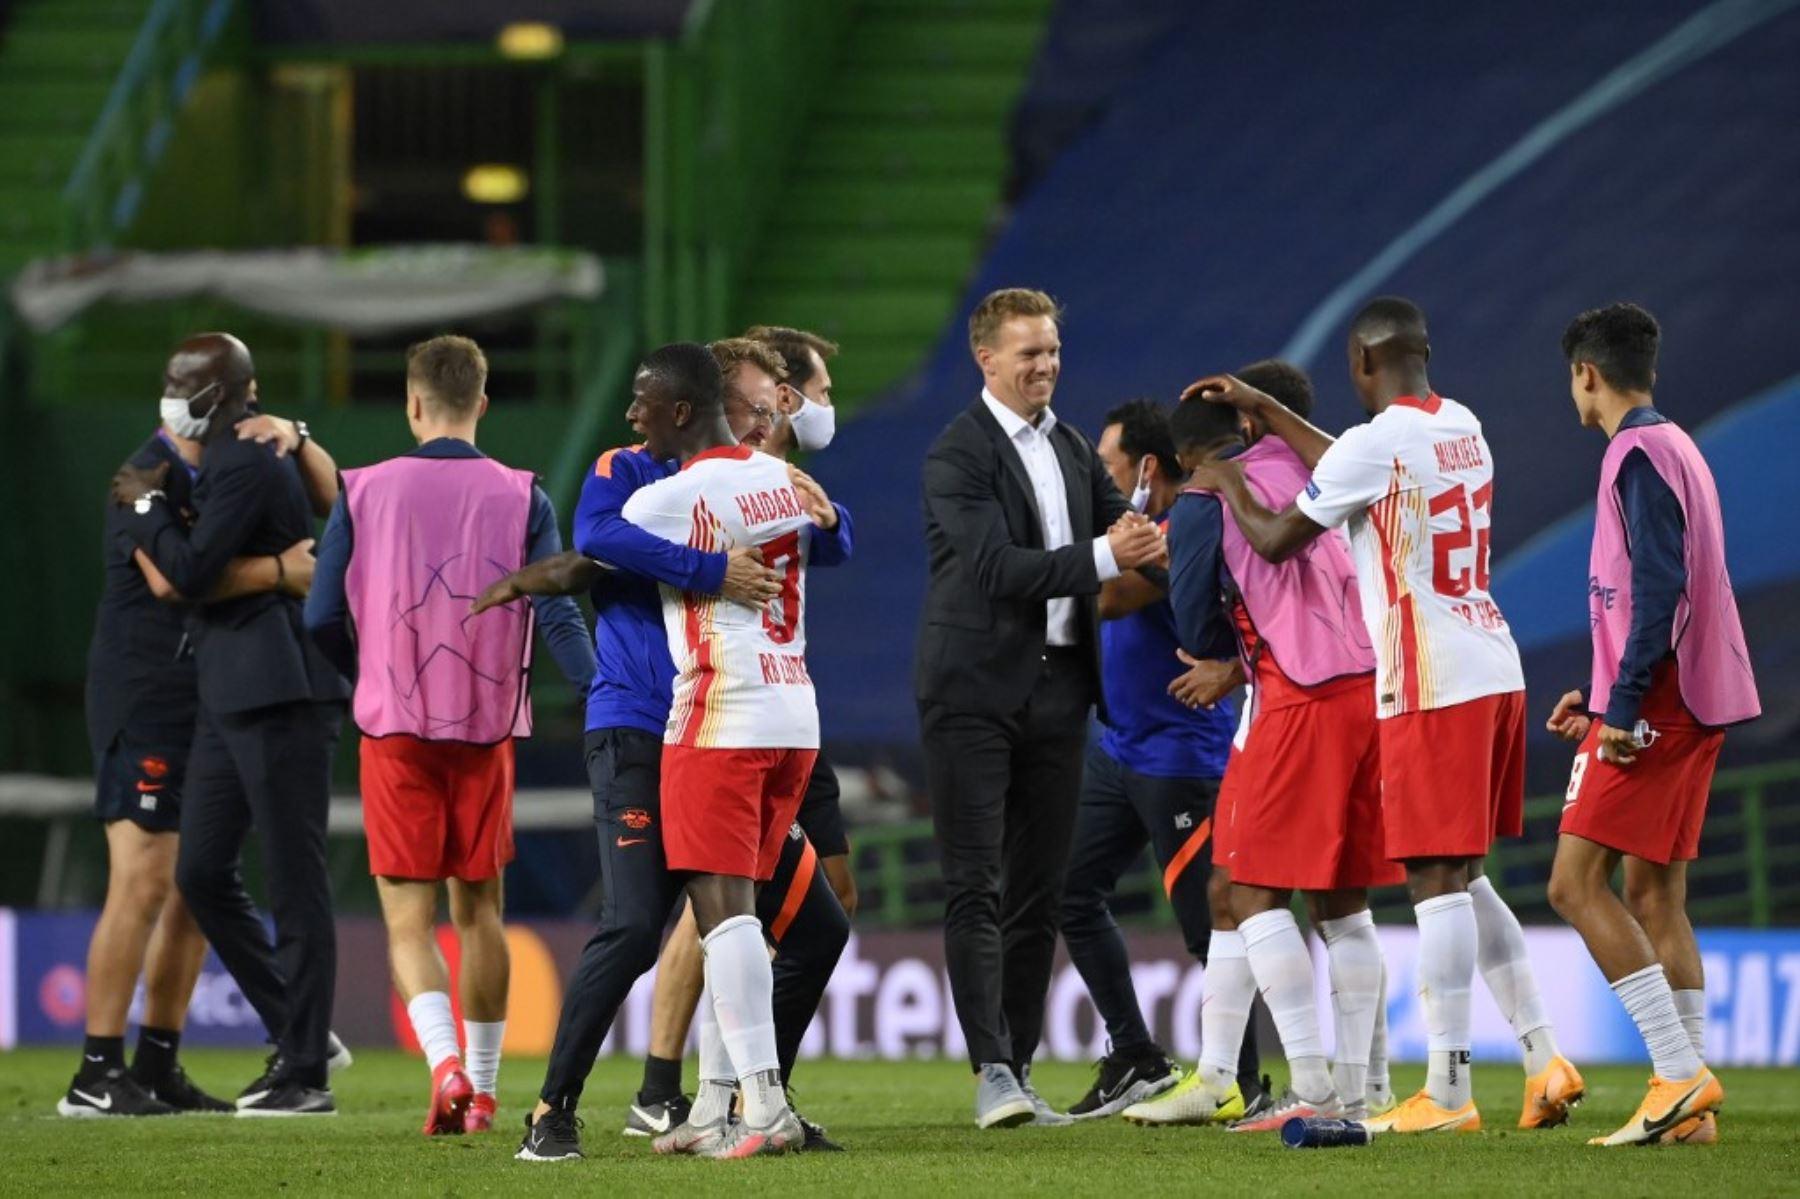 El entrenador alemán de Leipzig, Julian Nagelsmann y sus jugadores celebran su victoria al final del partido de fútbol de cuartos de final de la UEFA Champions League entre Leipzig y Atlético de Madrid en el estadio José Alvalade de Lisboa.Foto:AFP